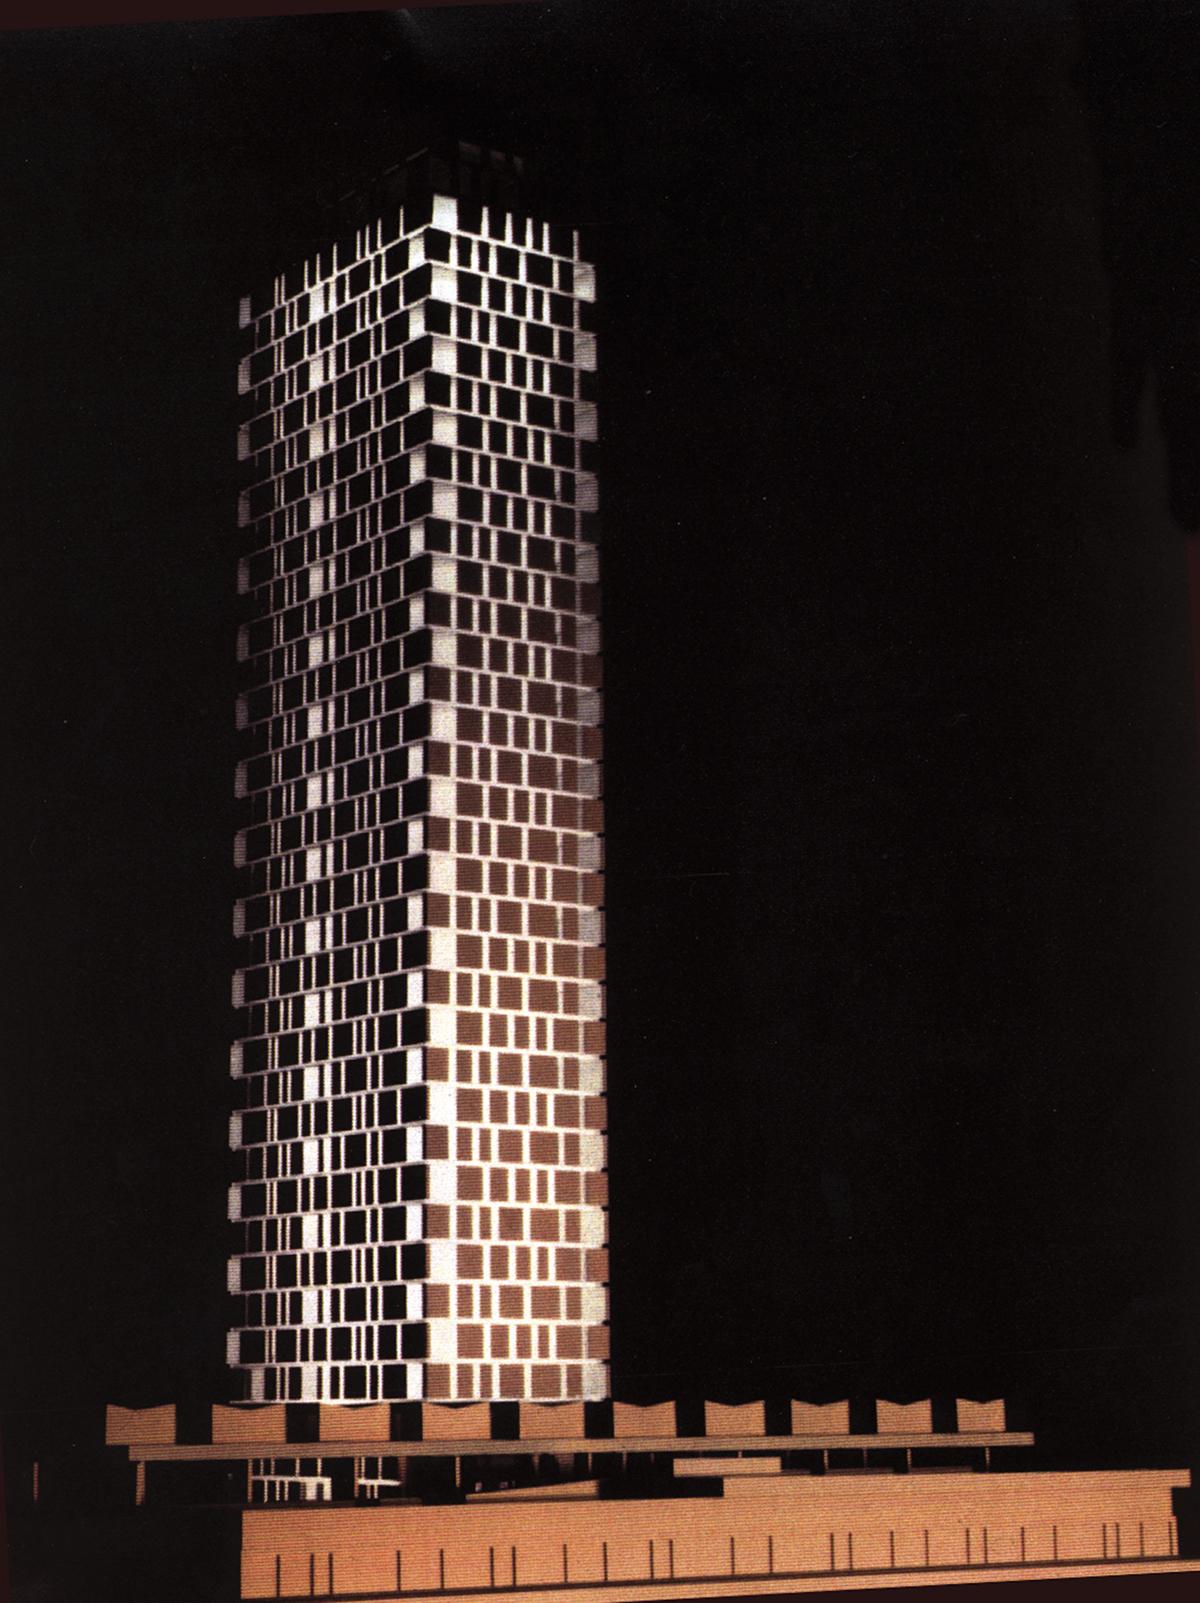 Concurso para una torre de viviendas | Imagen de proyecto2